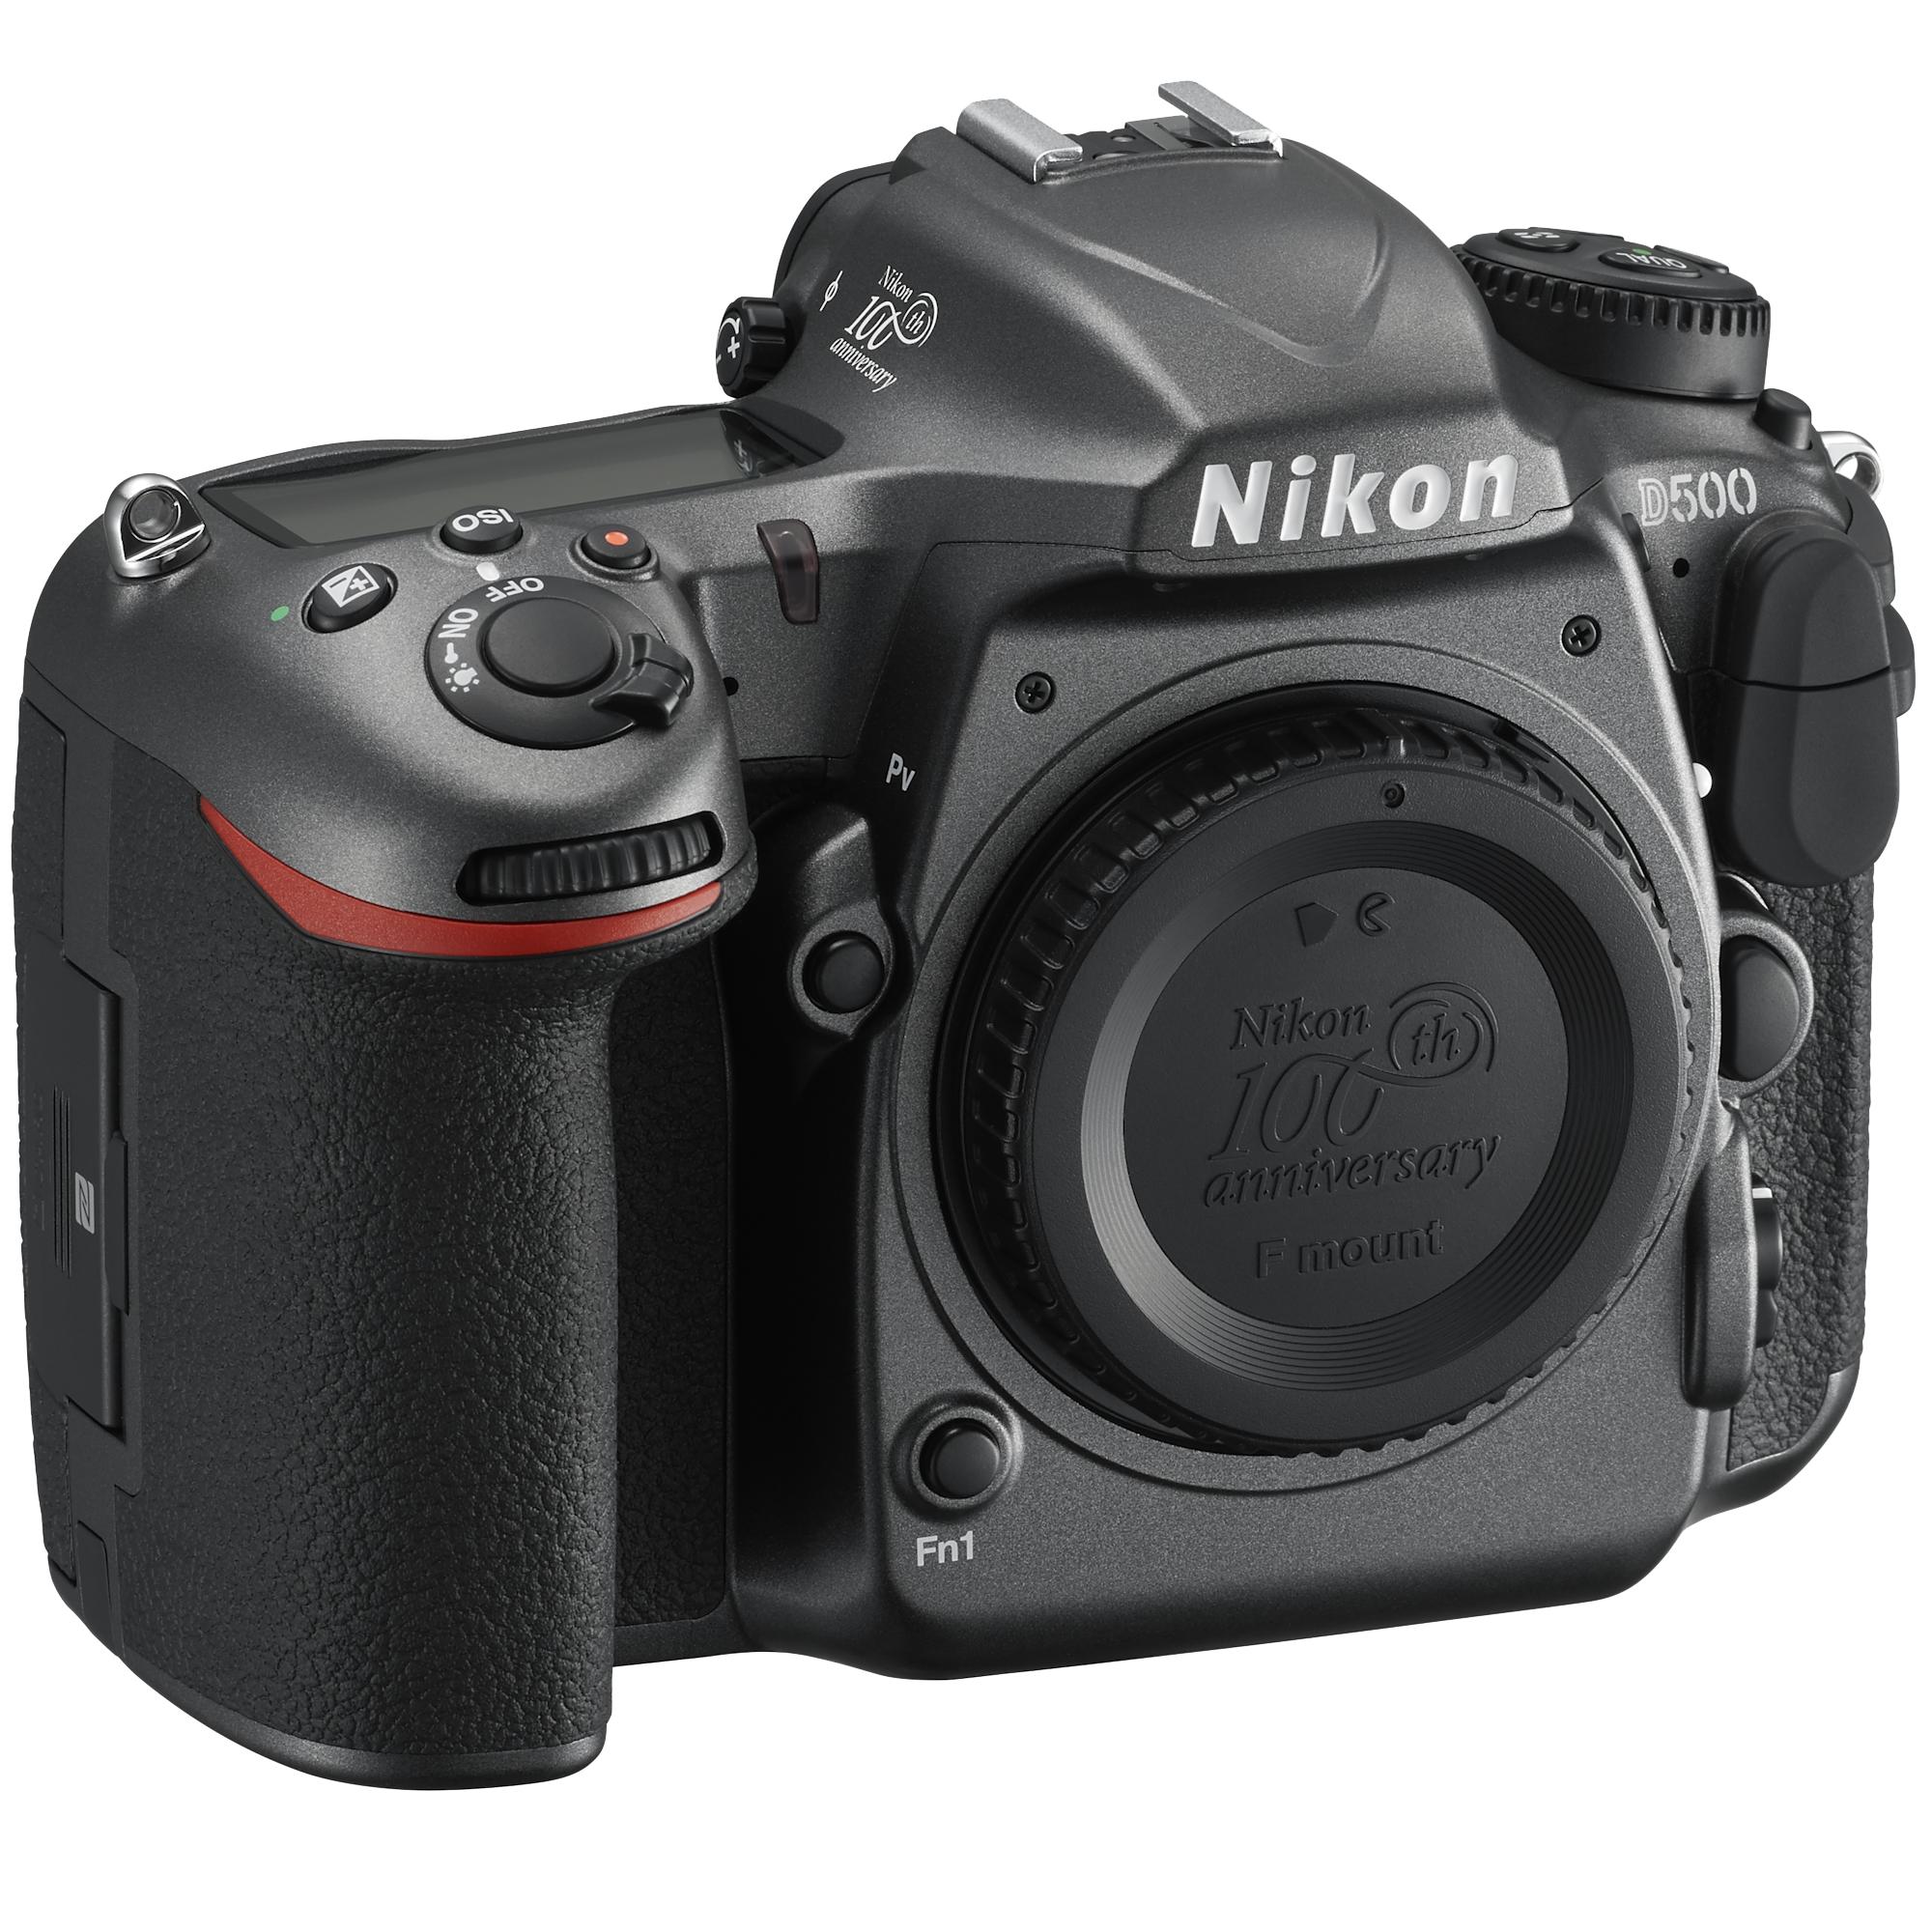 Nikon D500 (без объектива) 100th Anniversary EditionПрофессиональные<br>Фотокамера D500, младшая сестра флагманской модели Nikon D5 формата FX, демонстрирует непревзойденное сочетание мощности и точности. <br><br><br> Разработанная корпорацией Nikon 153-точечная система АФ нового поколения позволяет работать в самых разных условиях съемки. Новая матрица и датчик для замера экспозиции обеспечивают исключительно точное распознавание объектов съемки и деталей изображения. Скорость съемки может составлять до 10 кадров в секунду, а быстрый буфер памяти позволяет снять до 200 изображений в формате NEF (RAW) в одной высокоскоростной серии. Сочетание этих двух факторов означает, что в течение 20 секунд вы можете получать изображения максимального качества. <br><br><br> Для видеооператоров, стремящихся к совершенству, подойдет встроенный режим D-видео, благодаря которому прямо в фотокамере можно записывать видеоролики в формате 4K/UHD длительностью до 29 минут 59 секунд.<br><br>Тип: Цифровая зеркальная фотокамера<br>Формат матрицы: DX<br>Тип матрицы, размер: КМОП: 23,5 x 15,7 мм<br>Эффективное число пикселей: 20,9 млн<br>Процессор (АЦП): EXPEED 5<br>Чувствительность ISO: От 100 до 51 200 единиц ISO; можно также установить значения прибл. на 1 EV ниже 100 (эквивалентно 50 единицам ISO) или значения прибл. на 5 EV выше 51 200 (эквивалентно 1 640 000 единиц ISO); возможность автоматического управления чувствительностью ISO.<br>Автофокусировка: Multi-CAM 20K с определением фазы TTL, тонкой настройкой и 153 точками фокусировки (включая 99 датчиков перекрестного типа; значение f/8 поддерживают 15 датчиков) из которых 55 (35/9) доступны для выбора.<br>Режим зоны автофокуса: Одноточечная АФ, 25-, 72- или 153-точечная динамическая АФ, 3D-слежение, групповая АФ, автоматический выбор зоны АФ.<br>Выдержка синхронизации: 1/250 с (есть высокоскоростная синхронизация)<br>Режимы съемки: S (покадровая съемка), CL (непрерывная низкоскоростная съемка), CH (непрерывная высокоскоростная съемка),